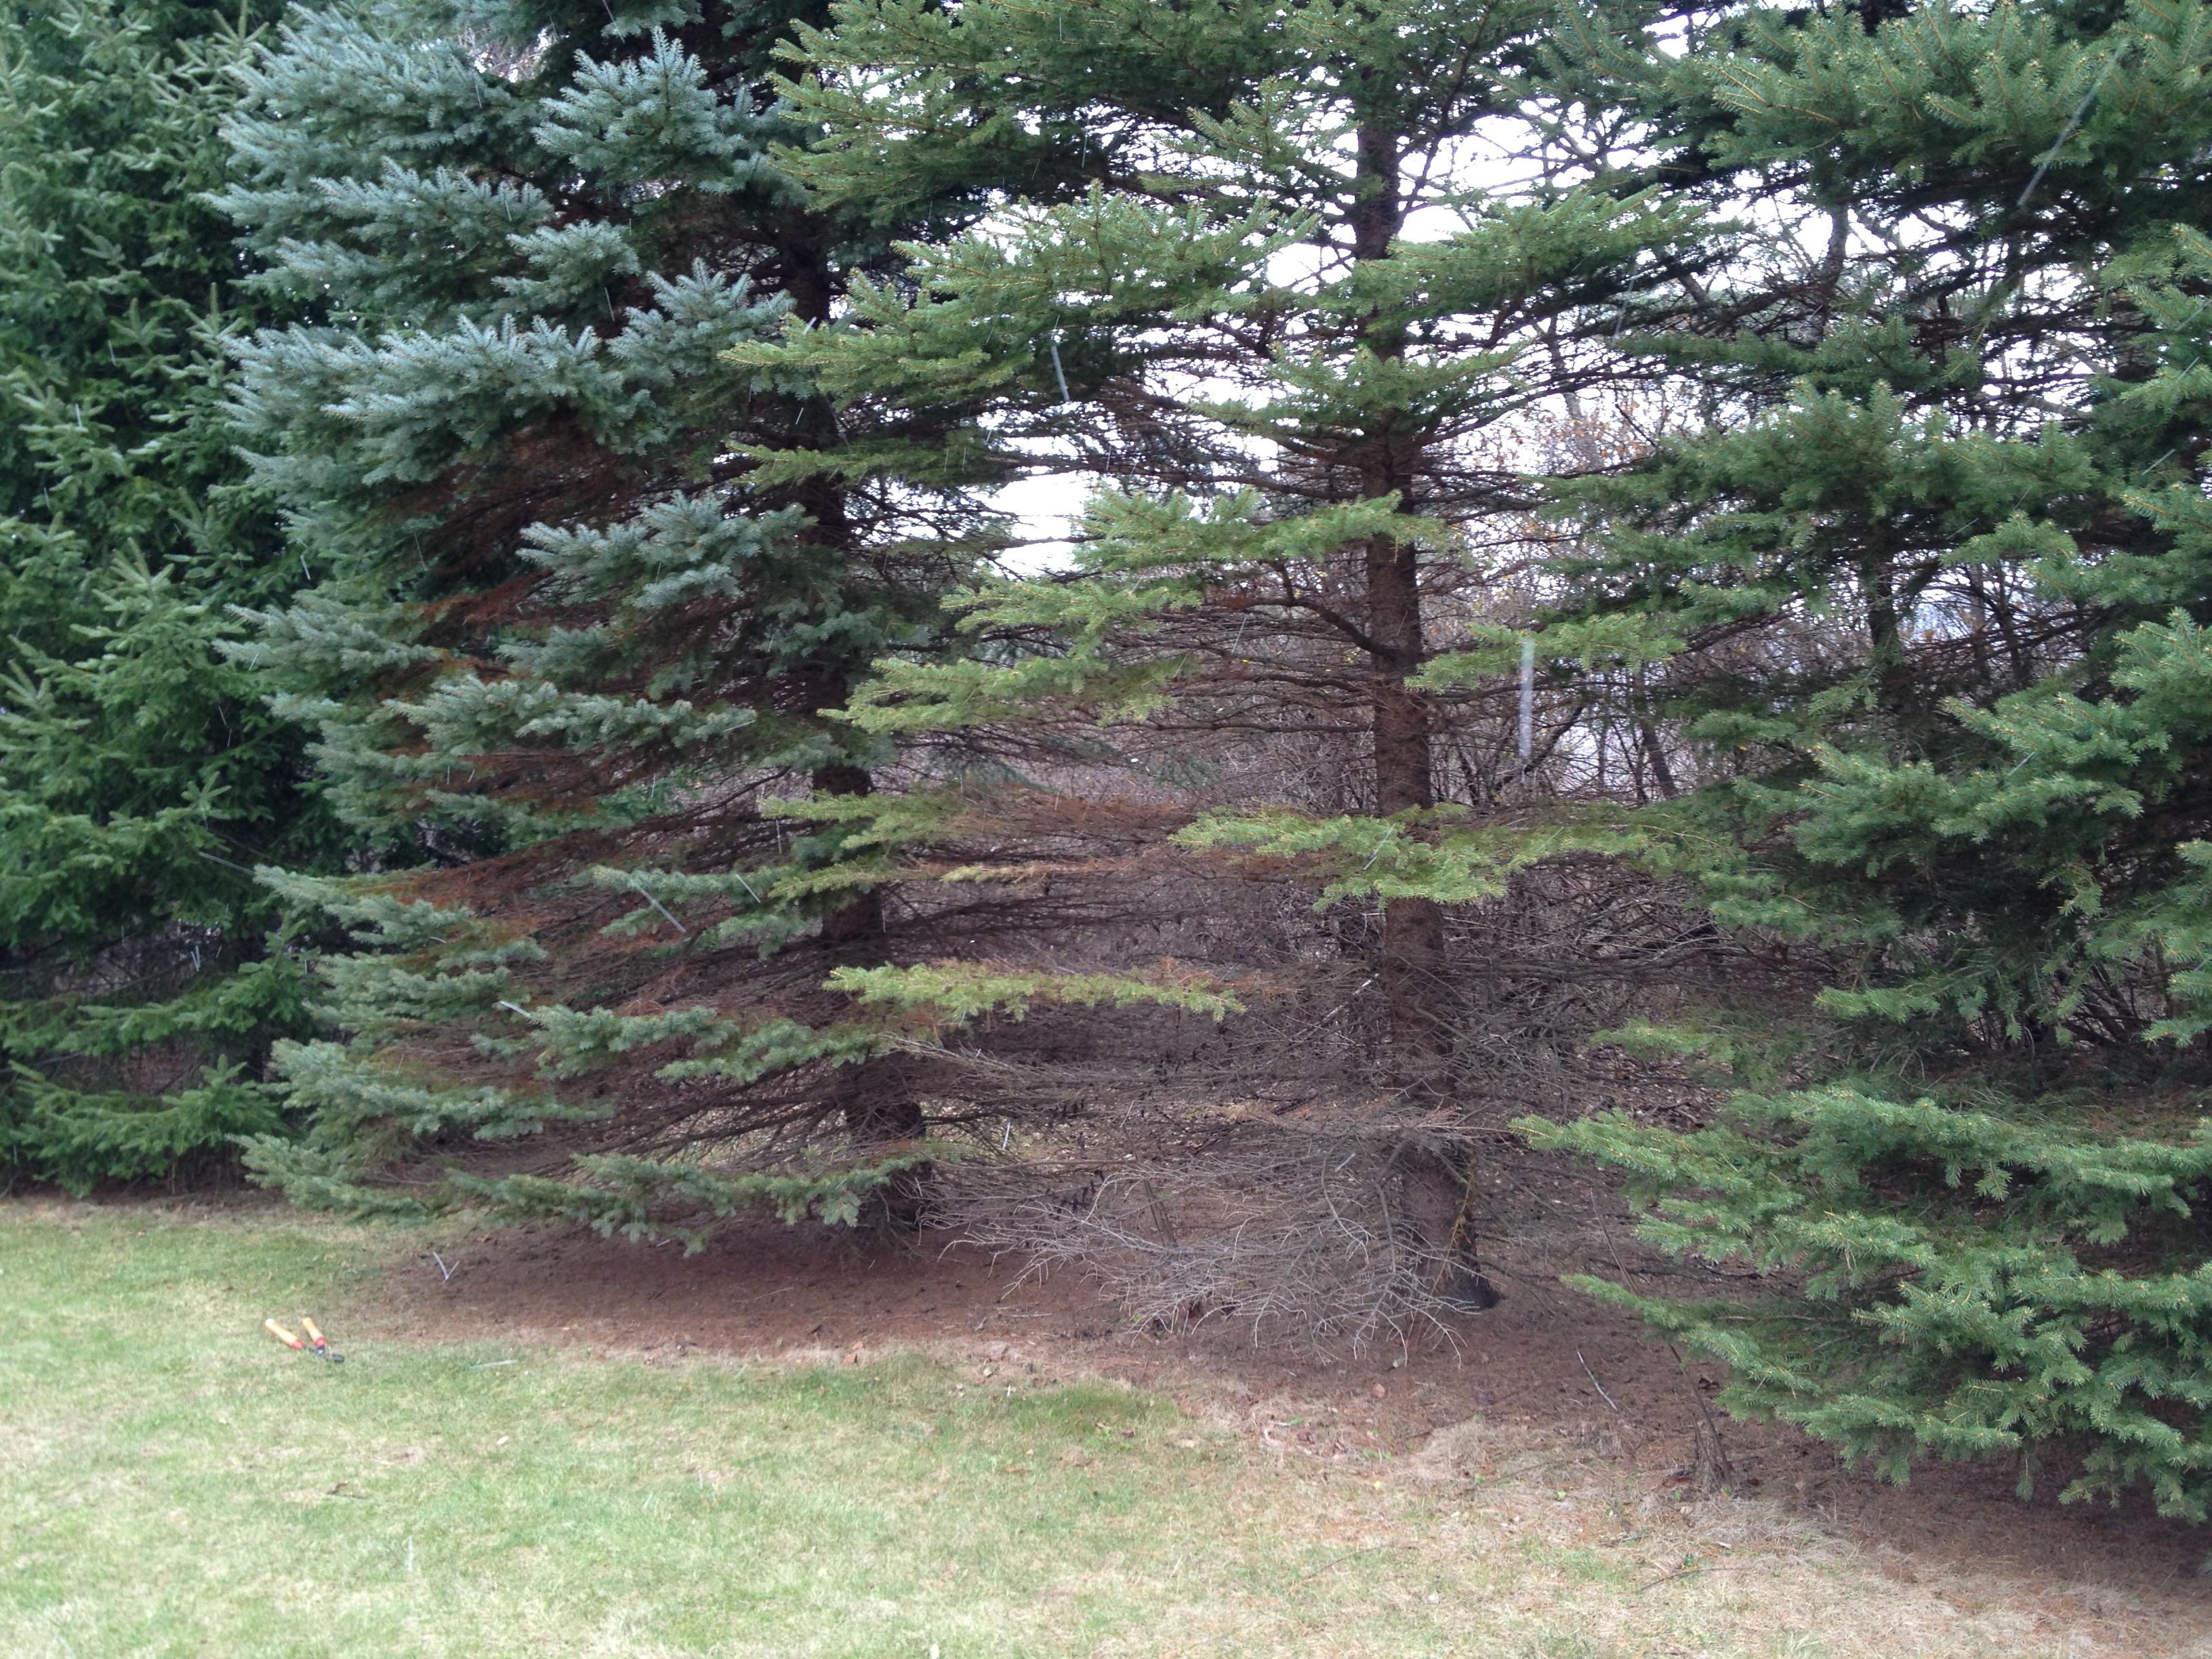 Landscape Rhizosphaera Needle Cast Umass Center For